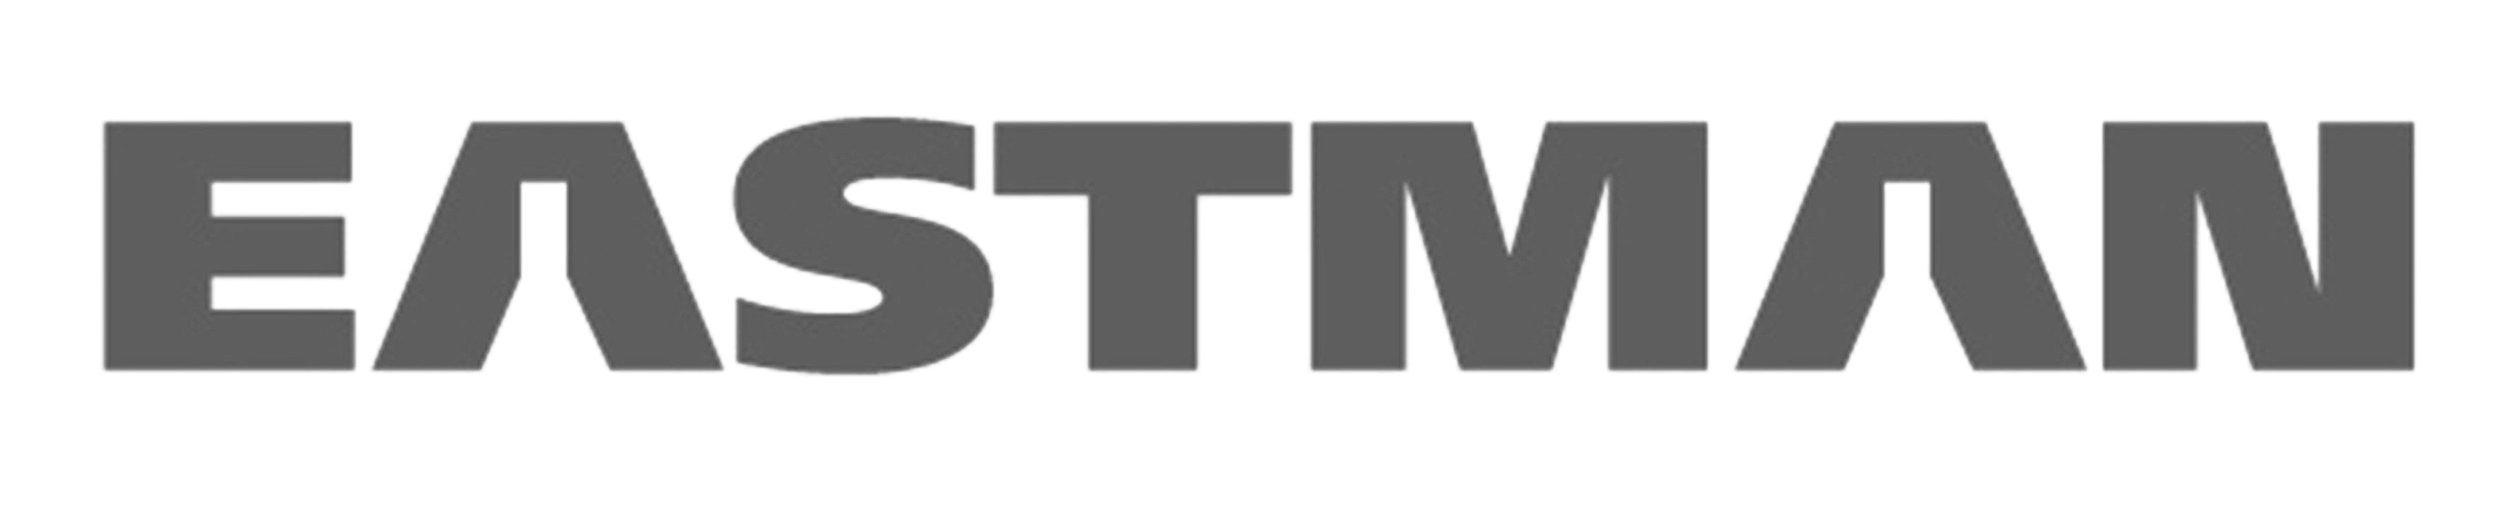 Eastman-Logo-3.jpg